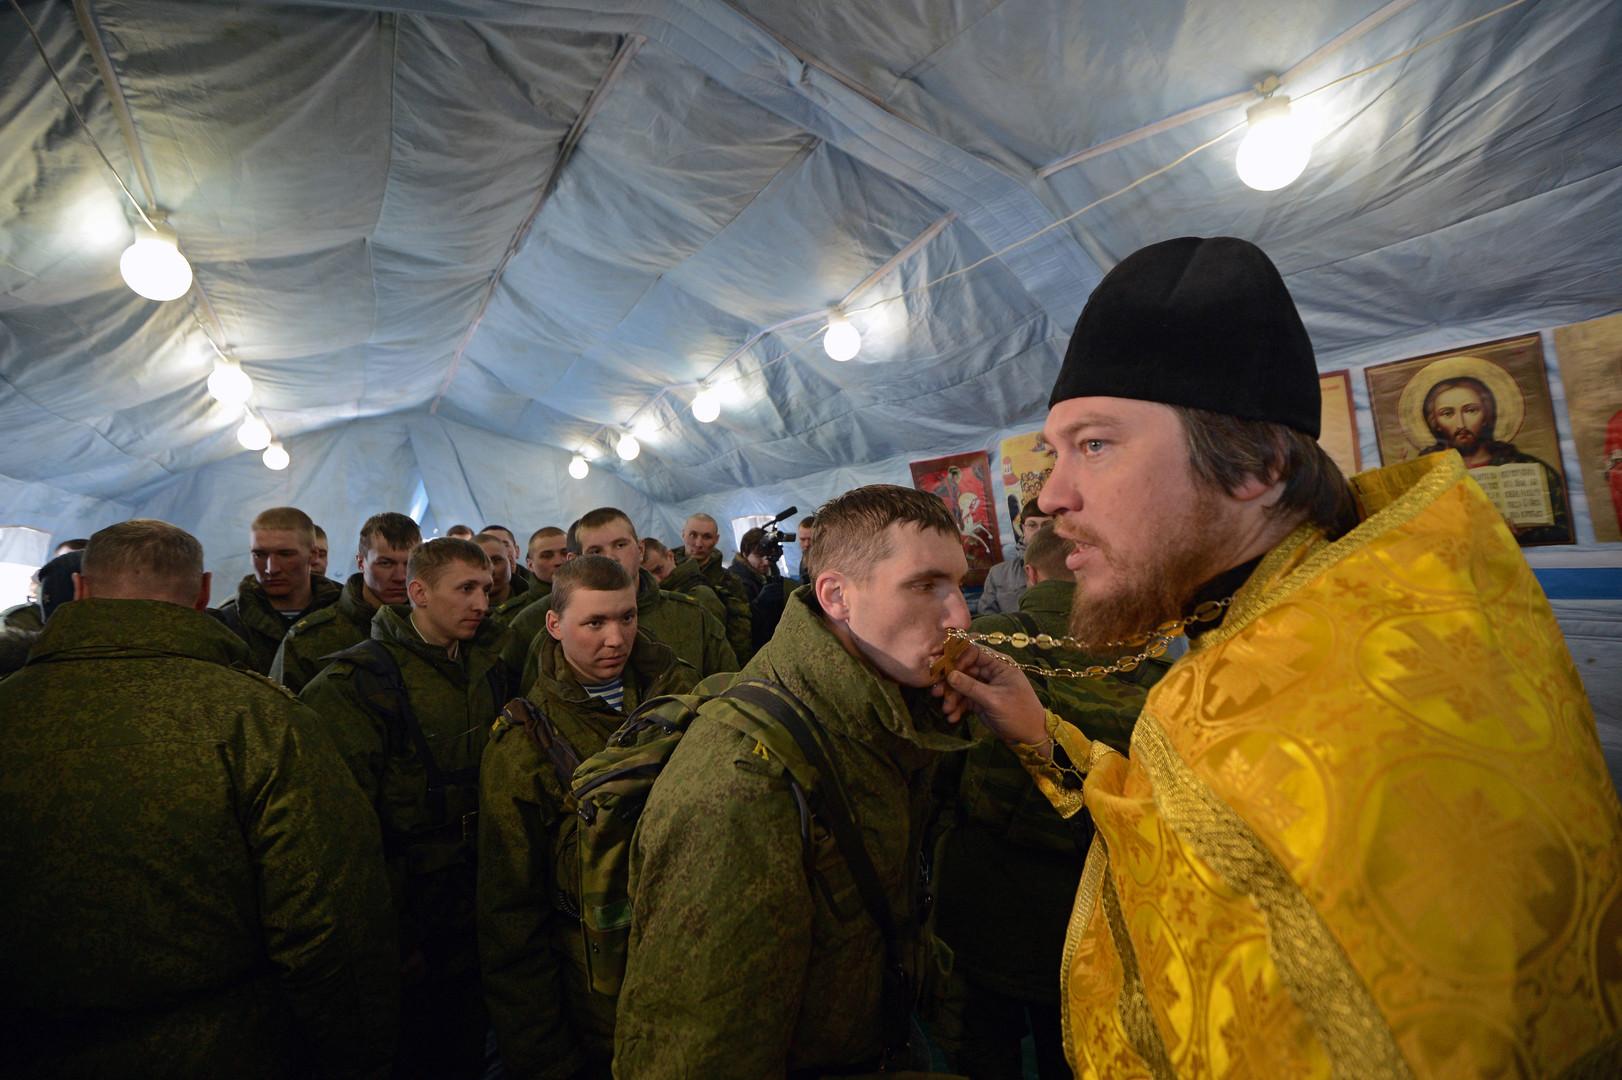 Ein Militärpfarrer zelebriert die Messe in einer Feldkirche.